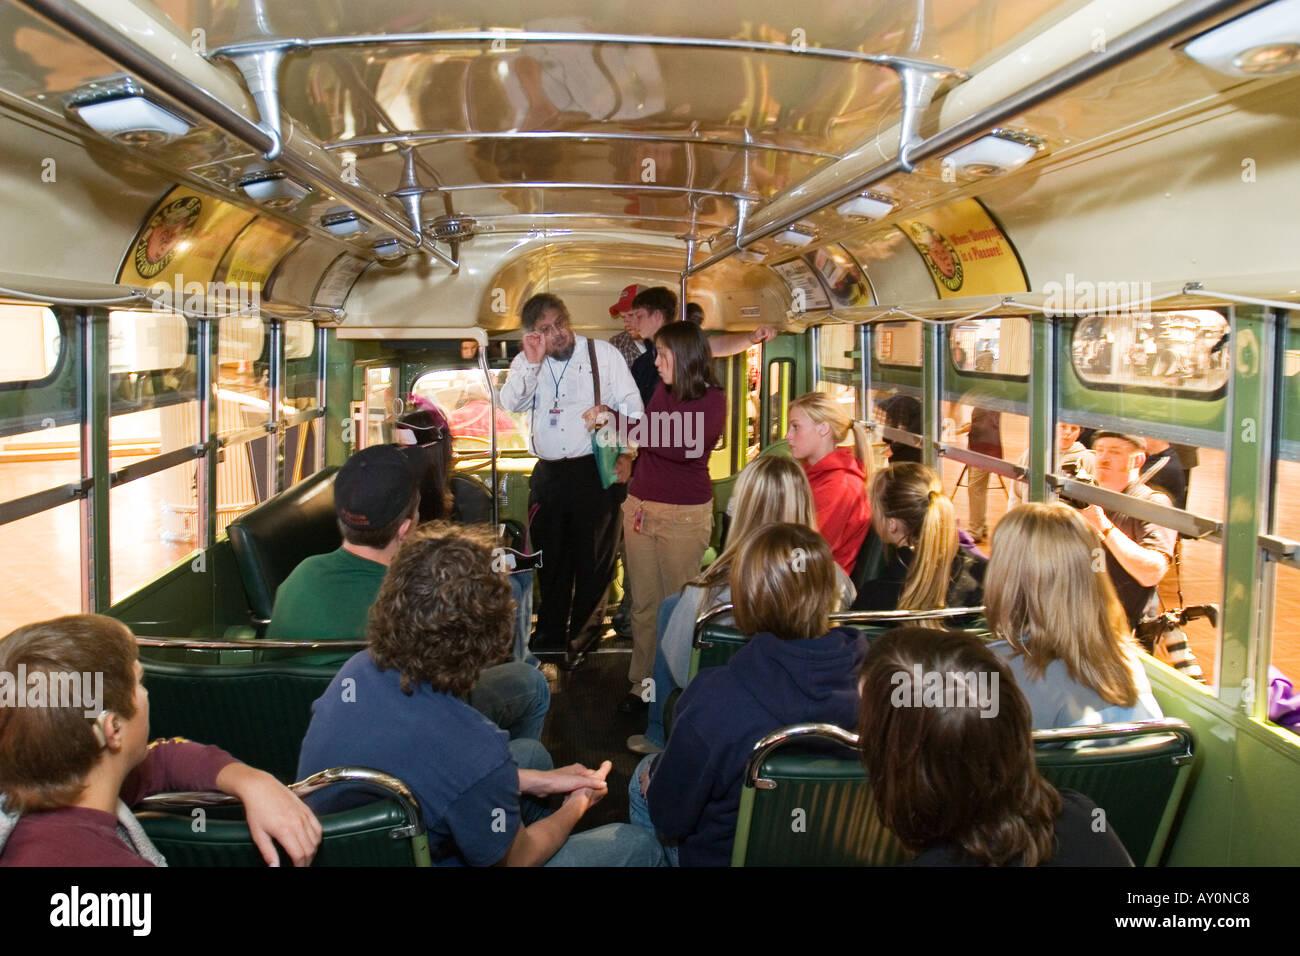 Studenten besuchen Rosa Parks Bus im Museum am Tag nach ihrem Tod Stockfoto